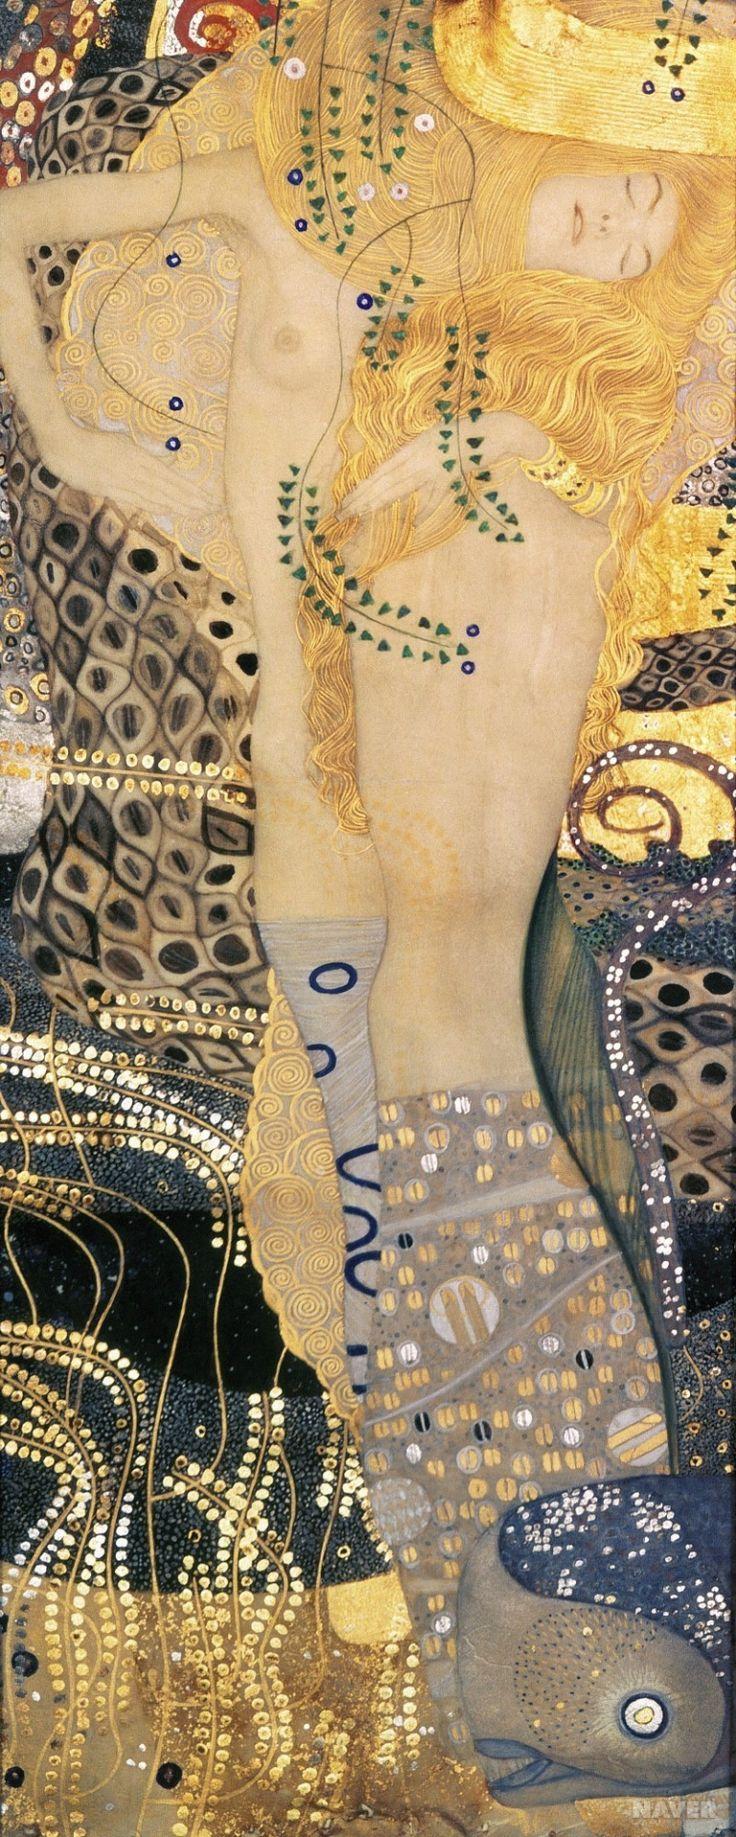 Gustav Klimt - Water Serpents II - Recueil de beautés